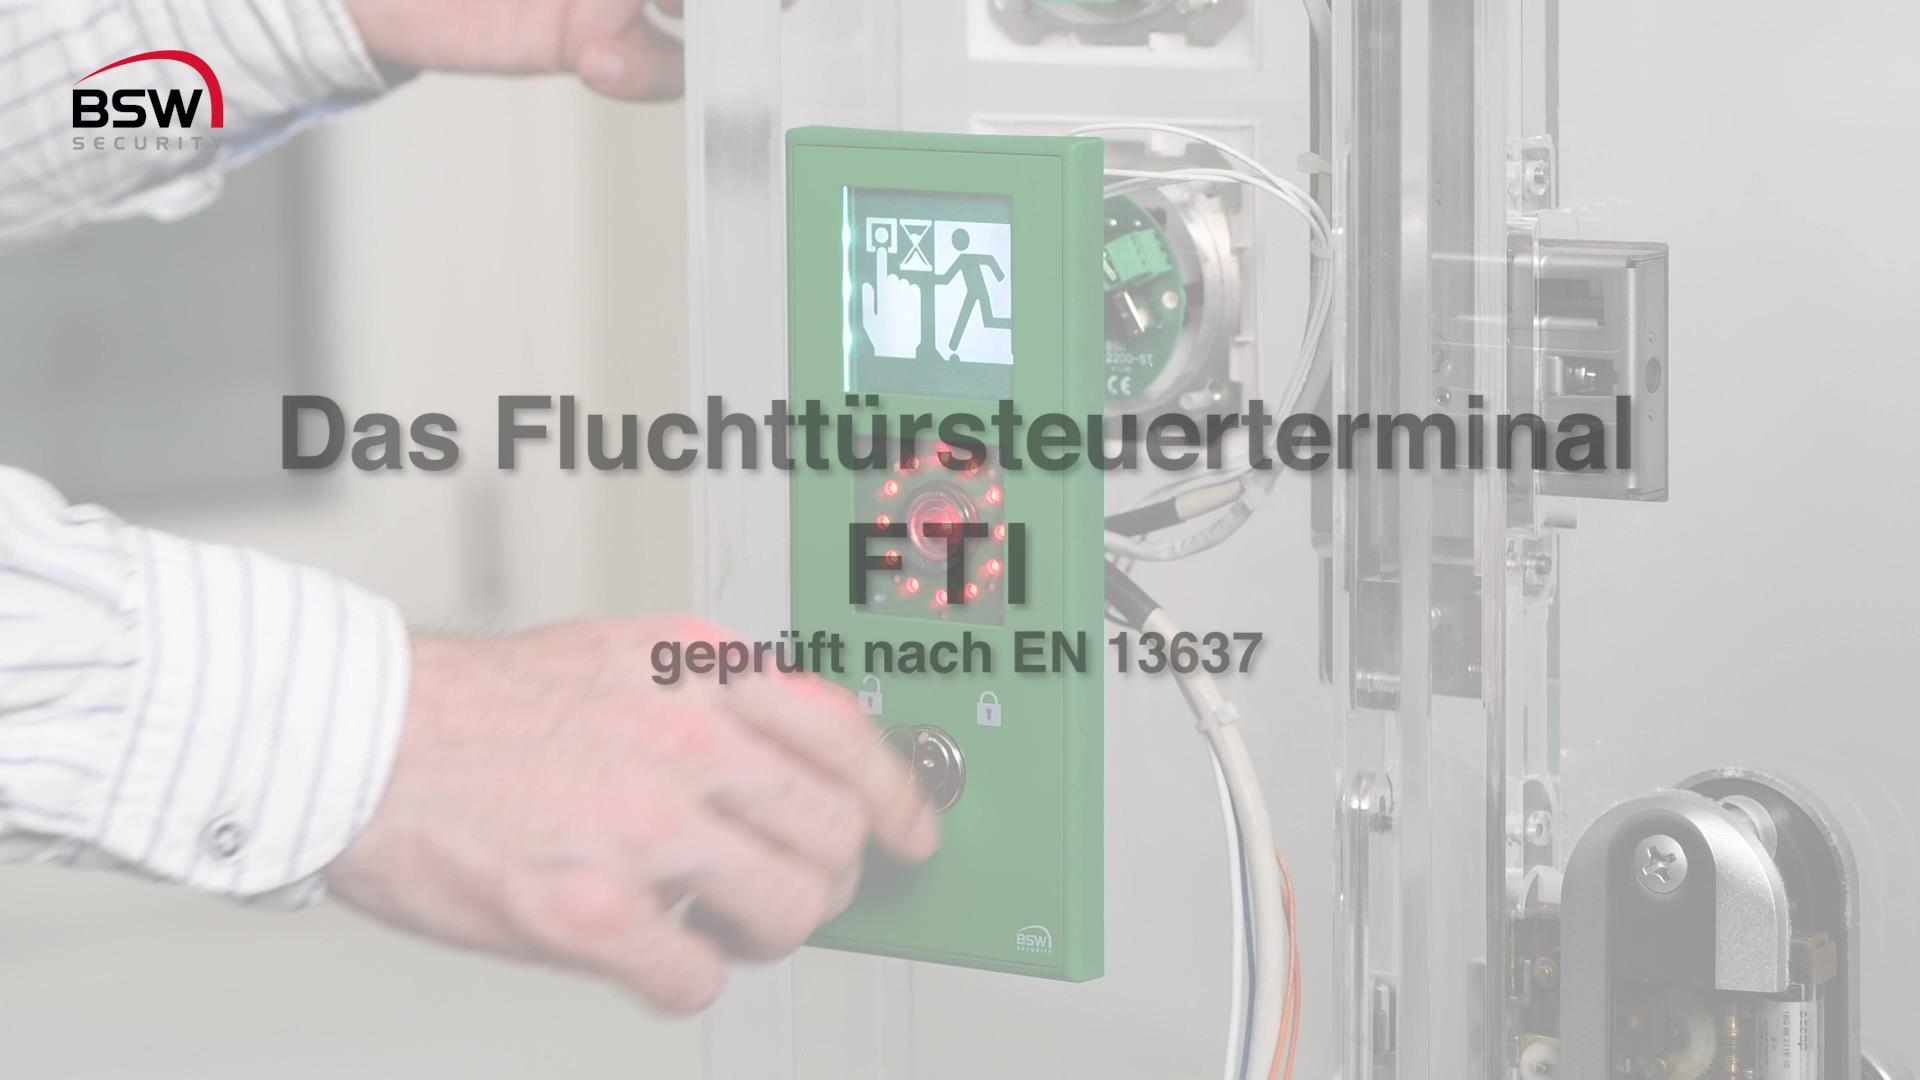 BSW-Video-FTI-t0-t1-Vorstellung